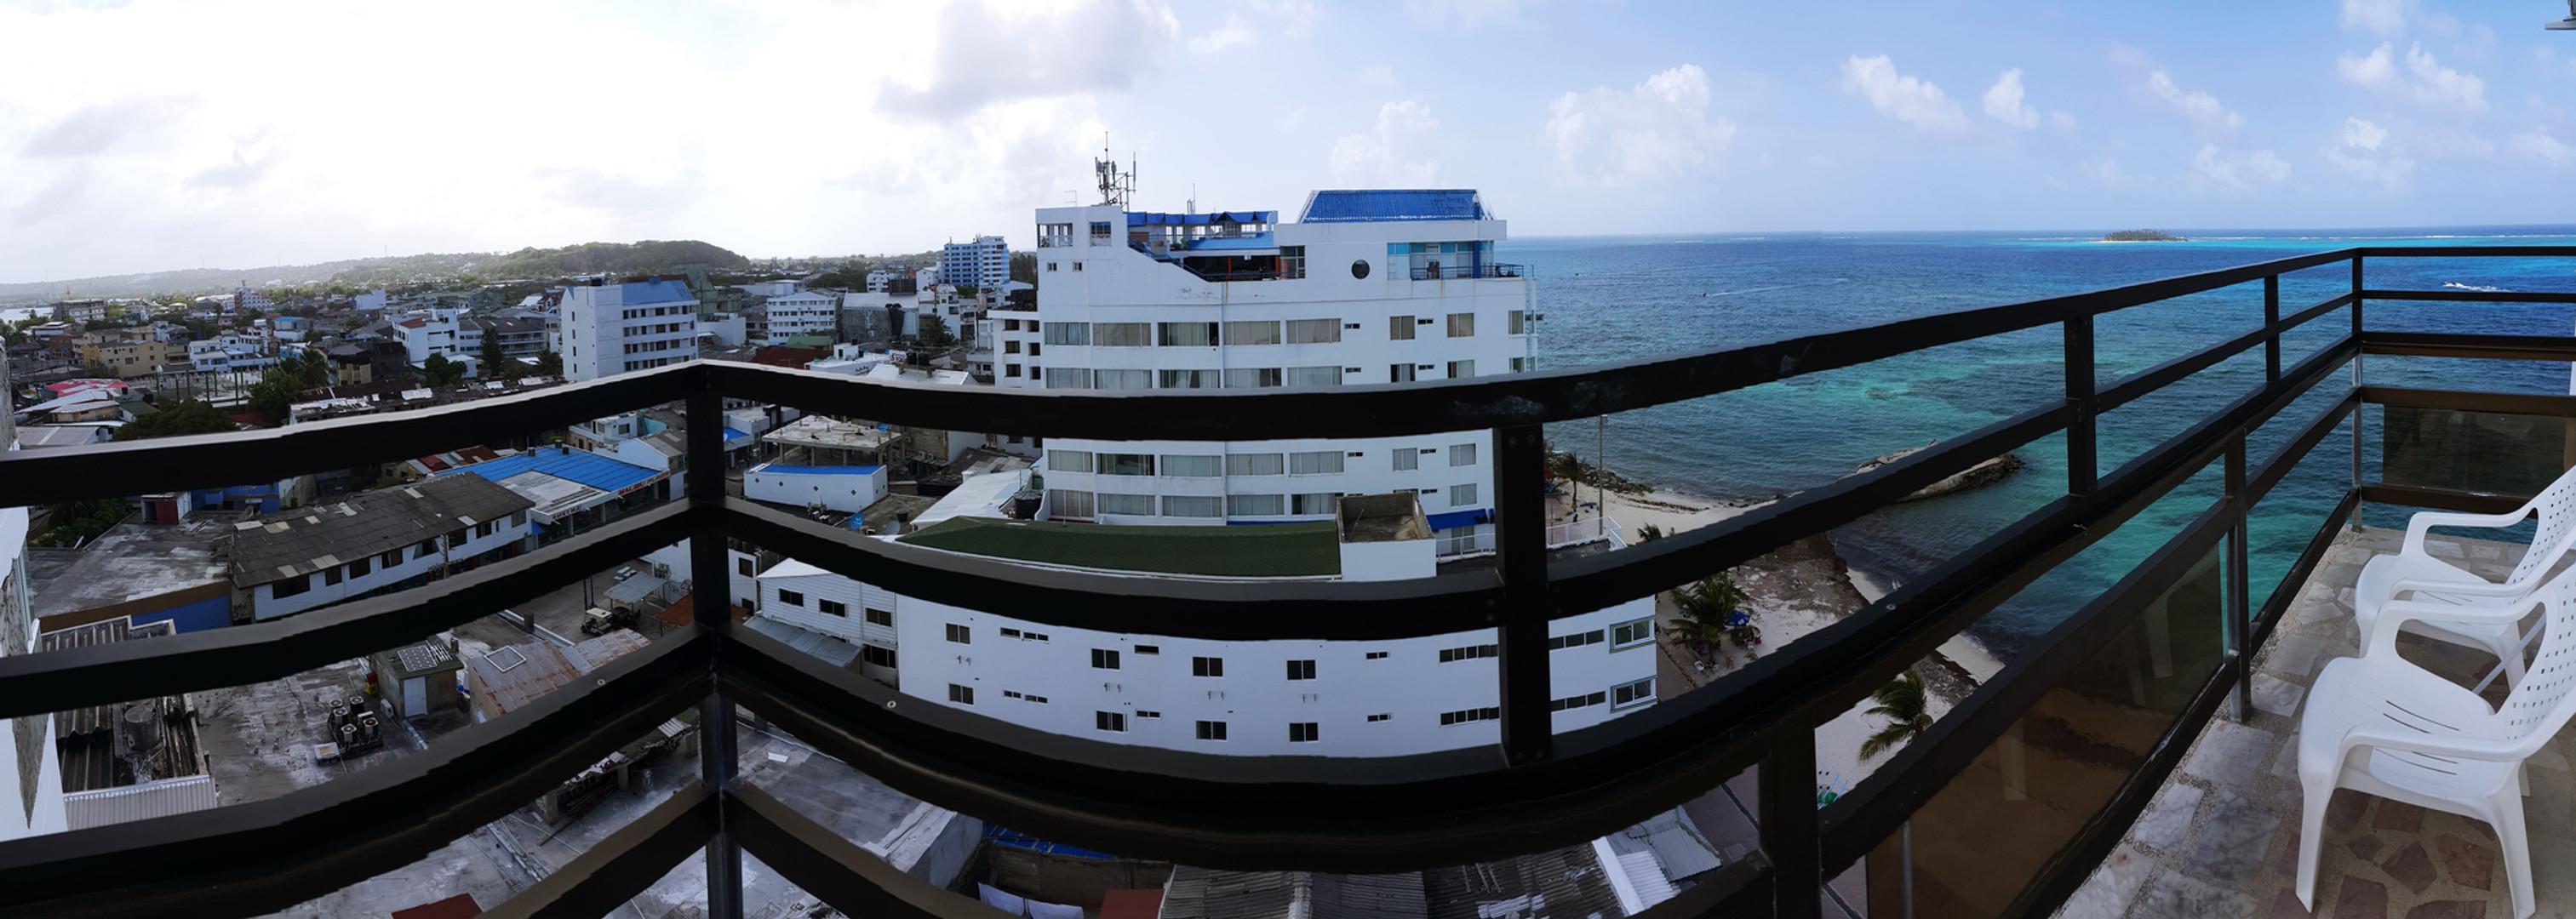 Habitacion Balcon y Vista al Mar (1).jpg